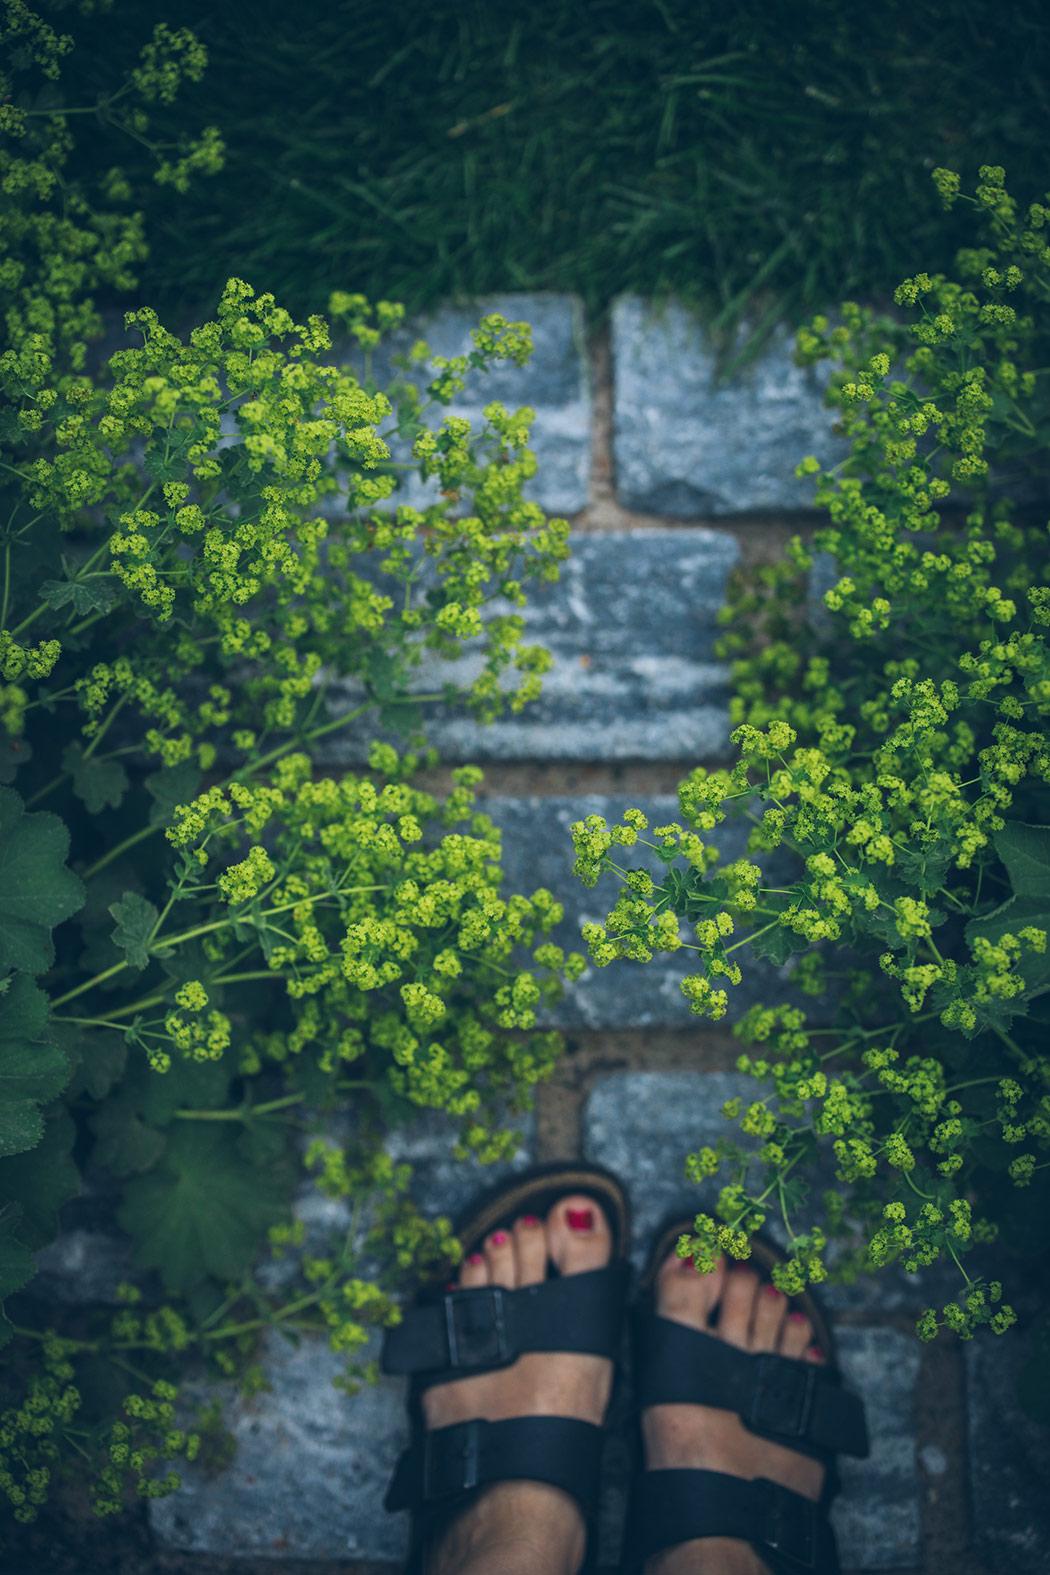 przywrotnik-ostroklapowy byliny w ogrodzie